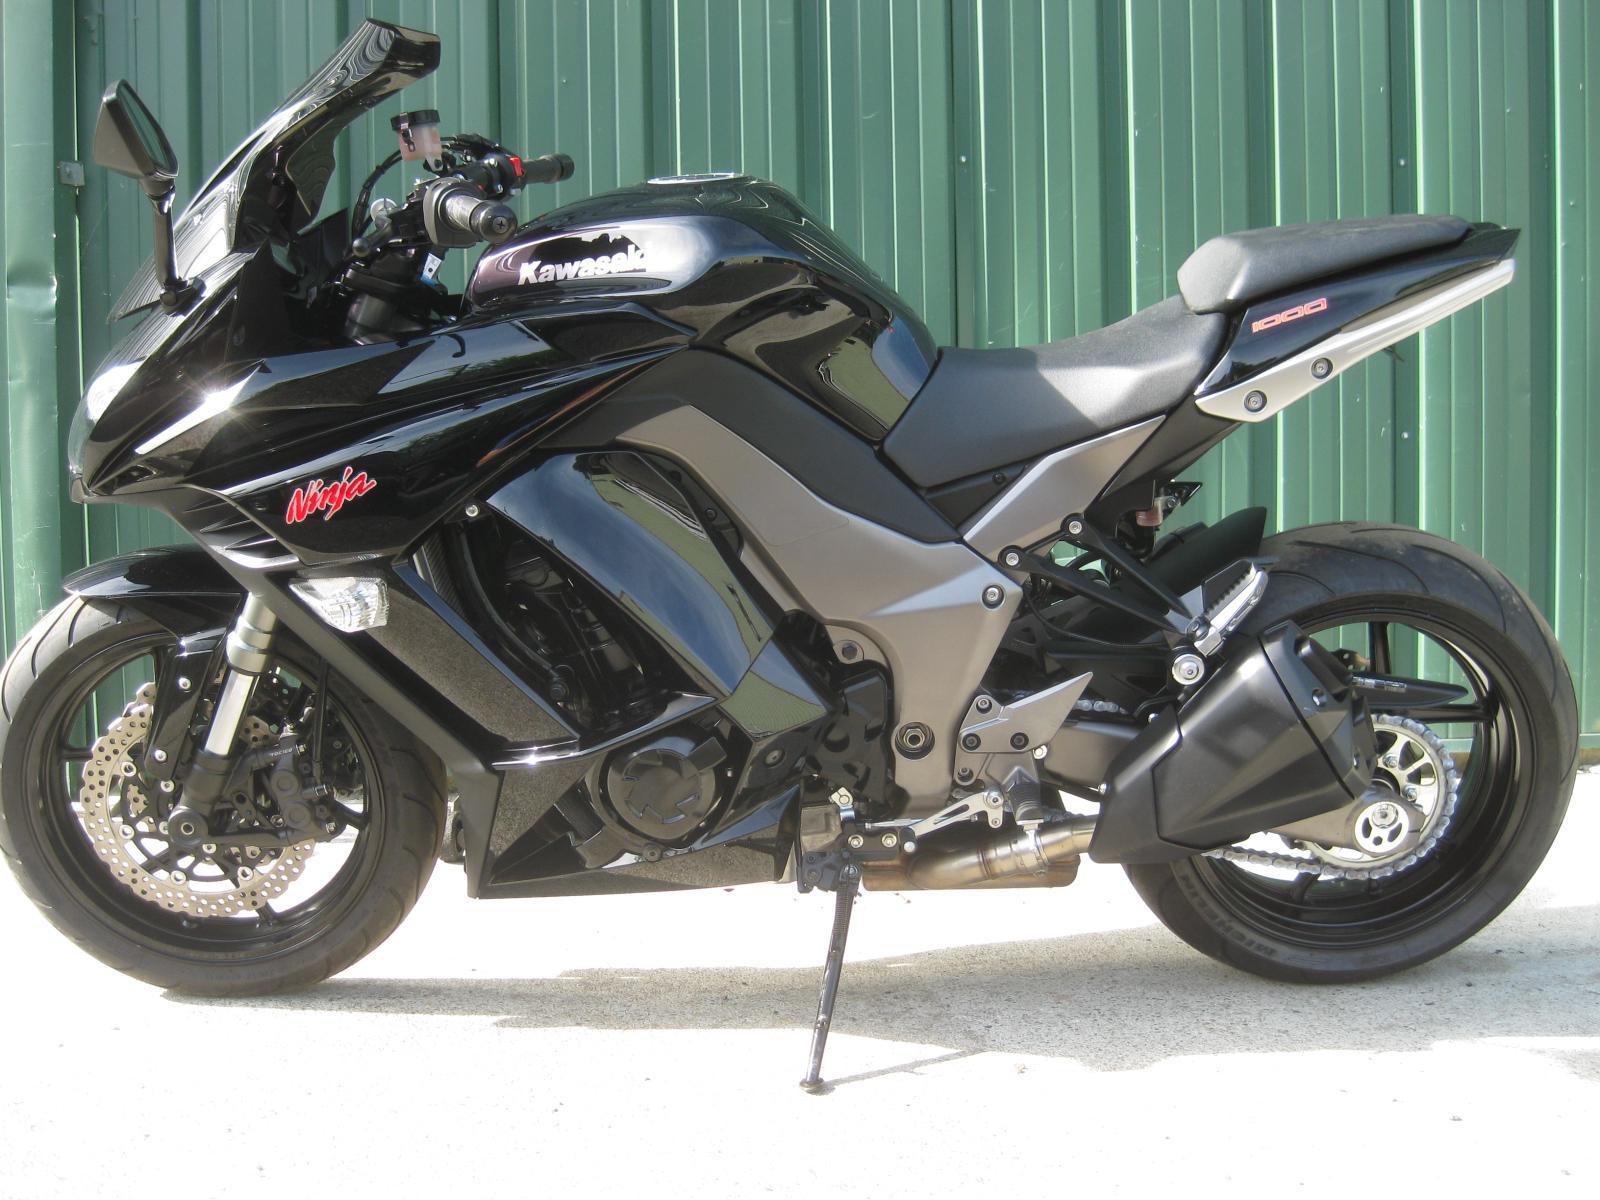 2011 Kawasaki Ninja Zx1000 Black All Stock Except For A Smoke